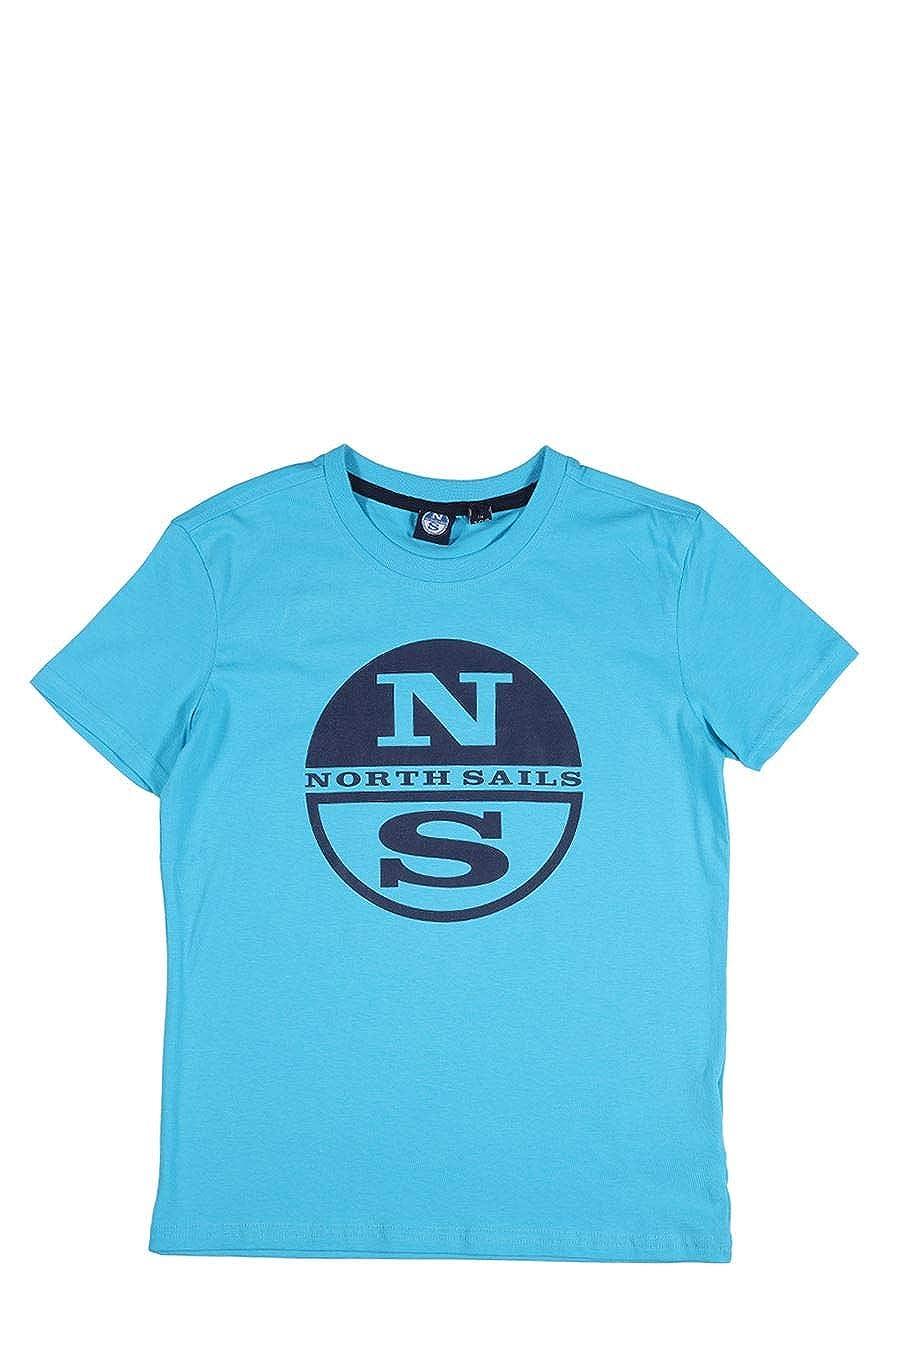 North Sails T-Shirt Bimbo 794525-10A-14A PESD